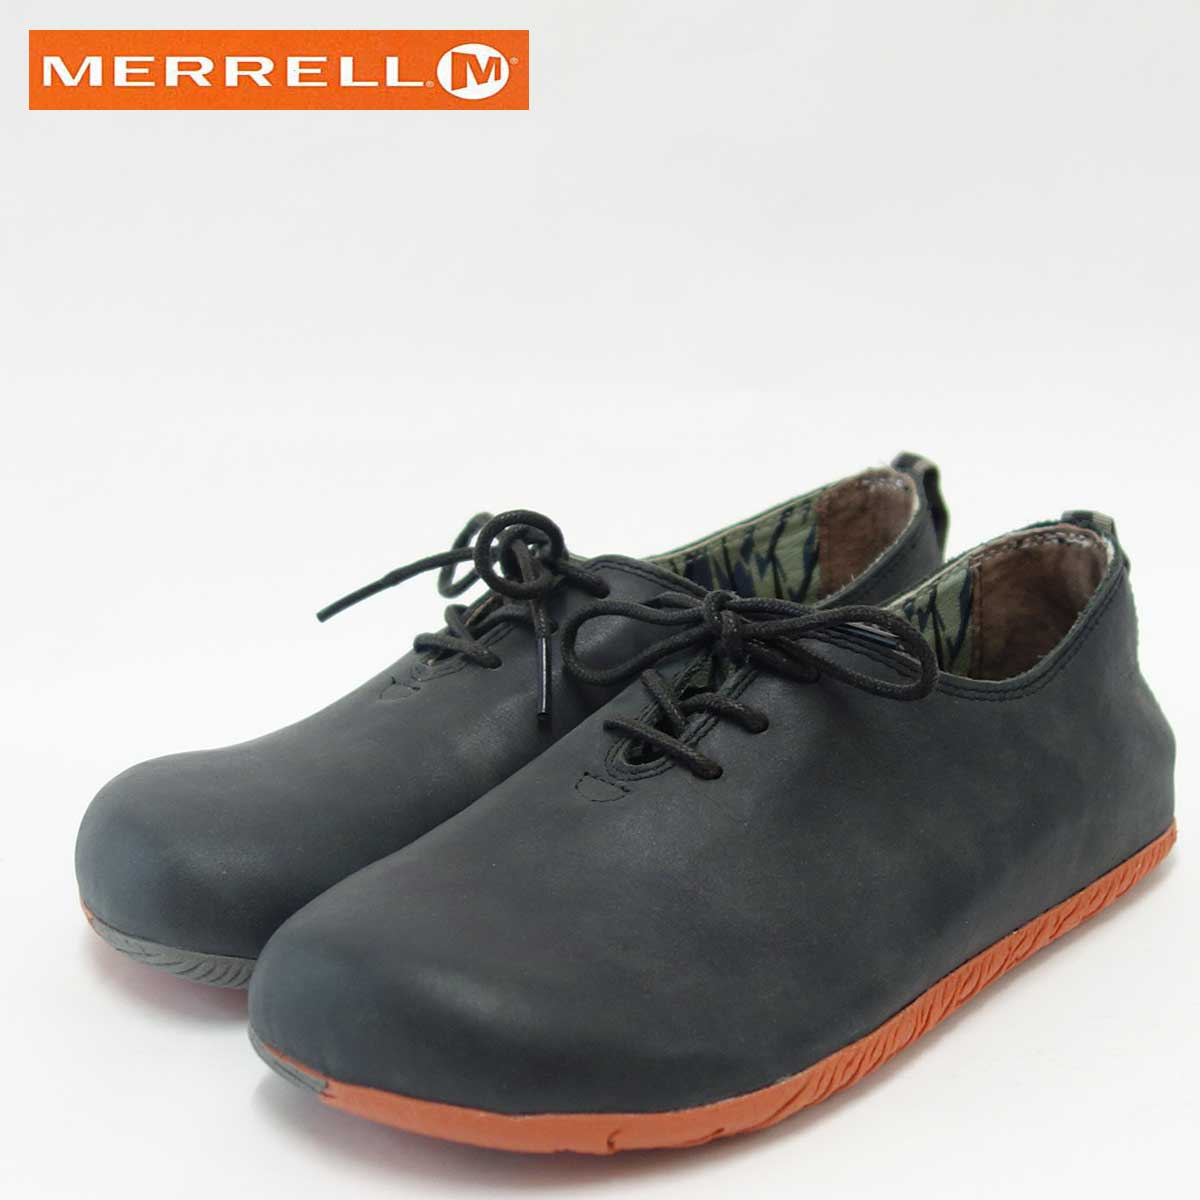 MERRELL メレル ムートピアレース20552 Black (レディース)自然にフィットする快適カジュアル靴「靴」